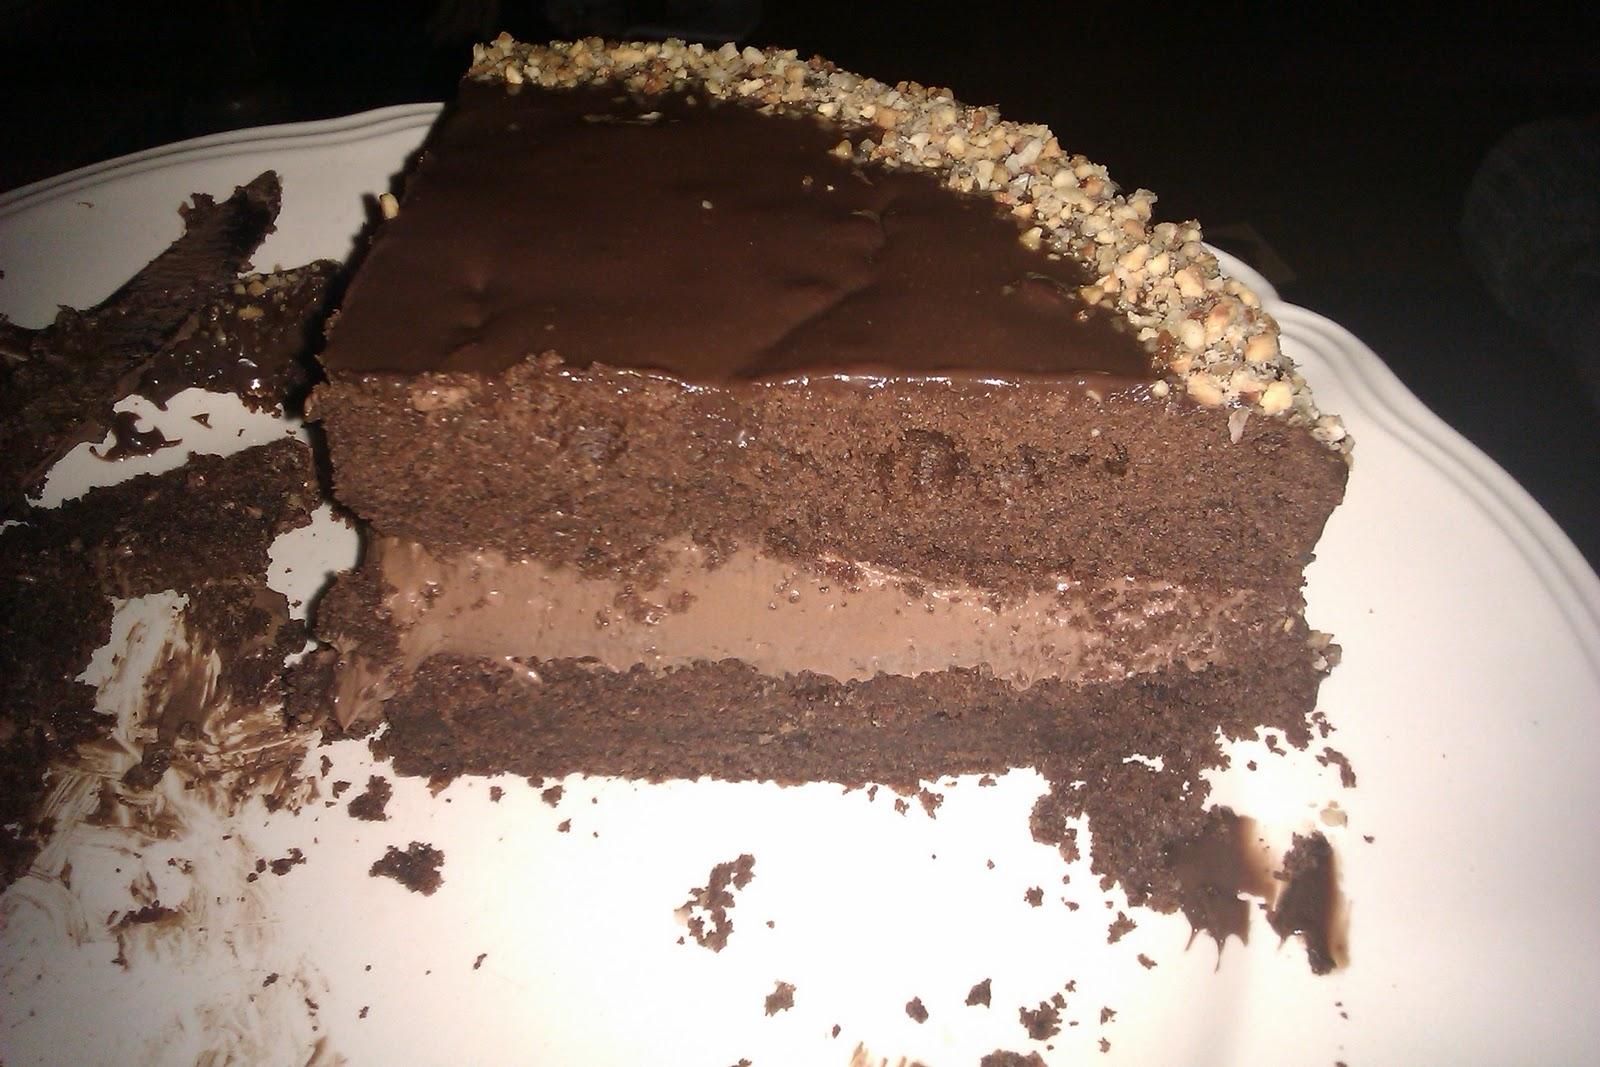 Gateau au chocolat fourre ganache